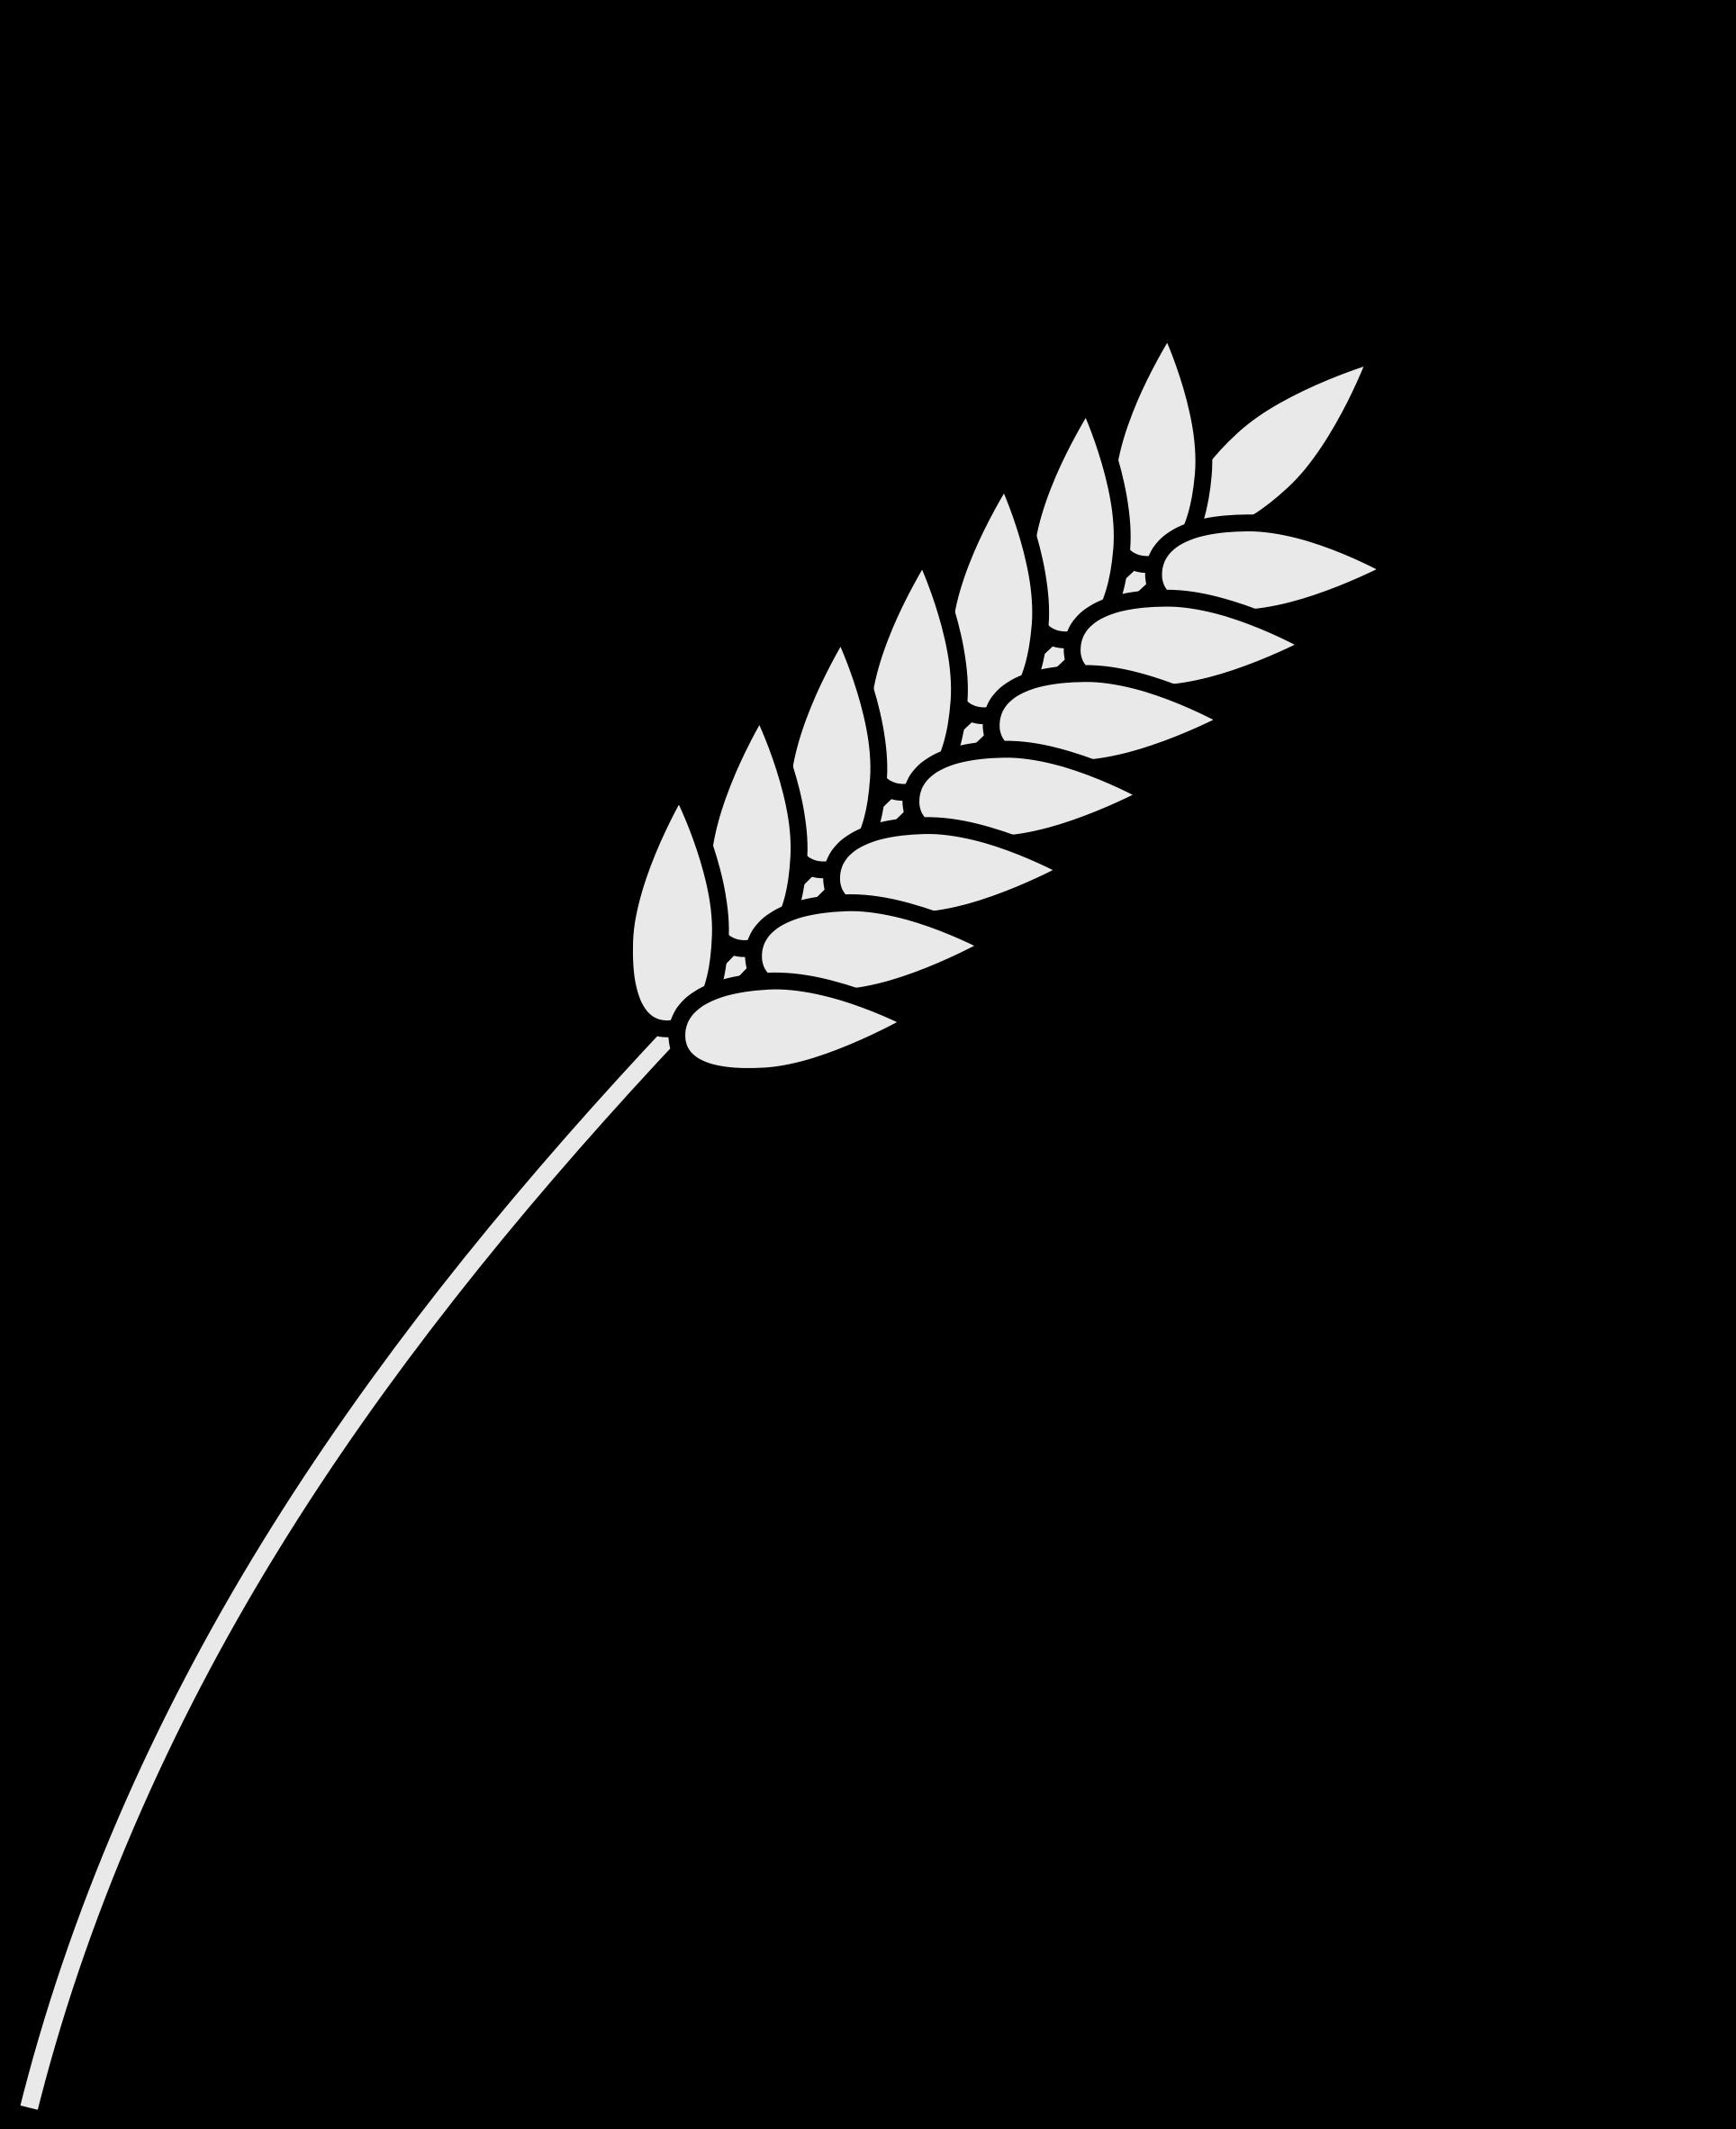 картинка колос пшеницы раскраска некоторые утверждают